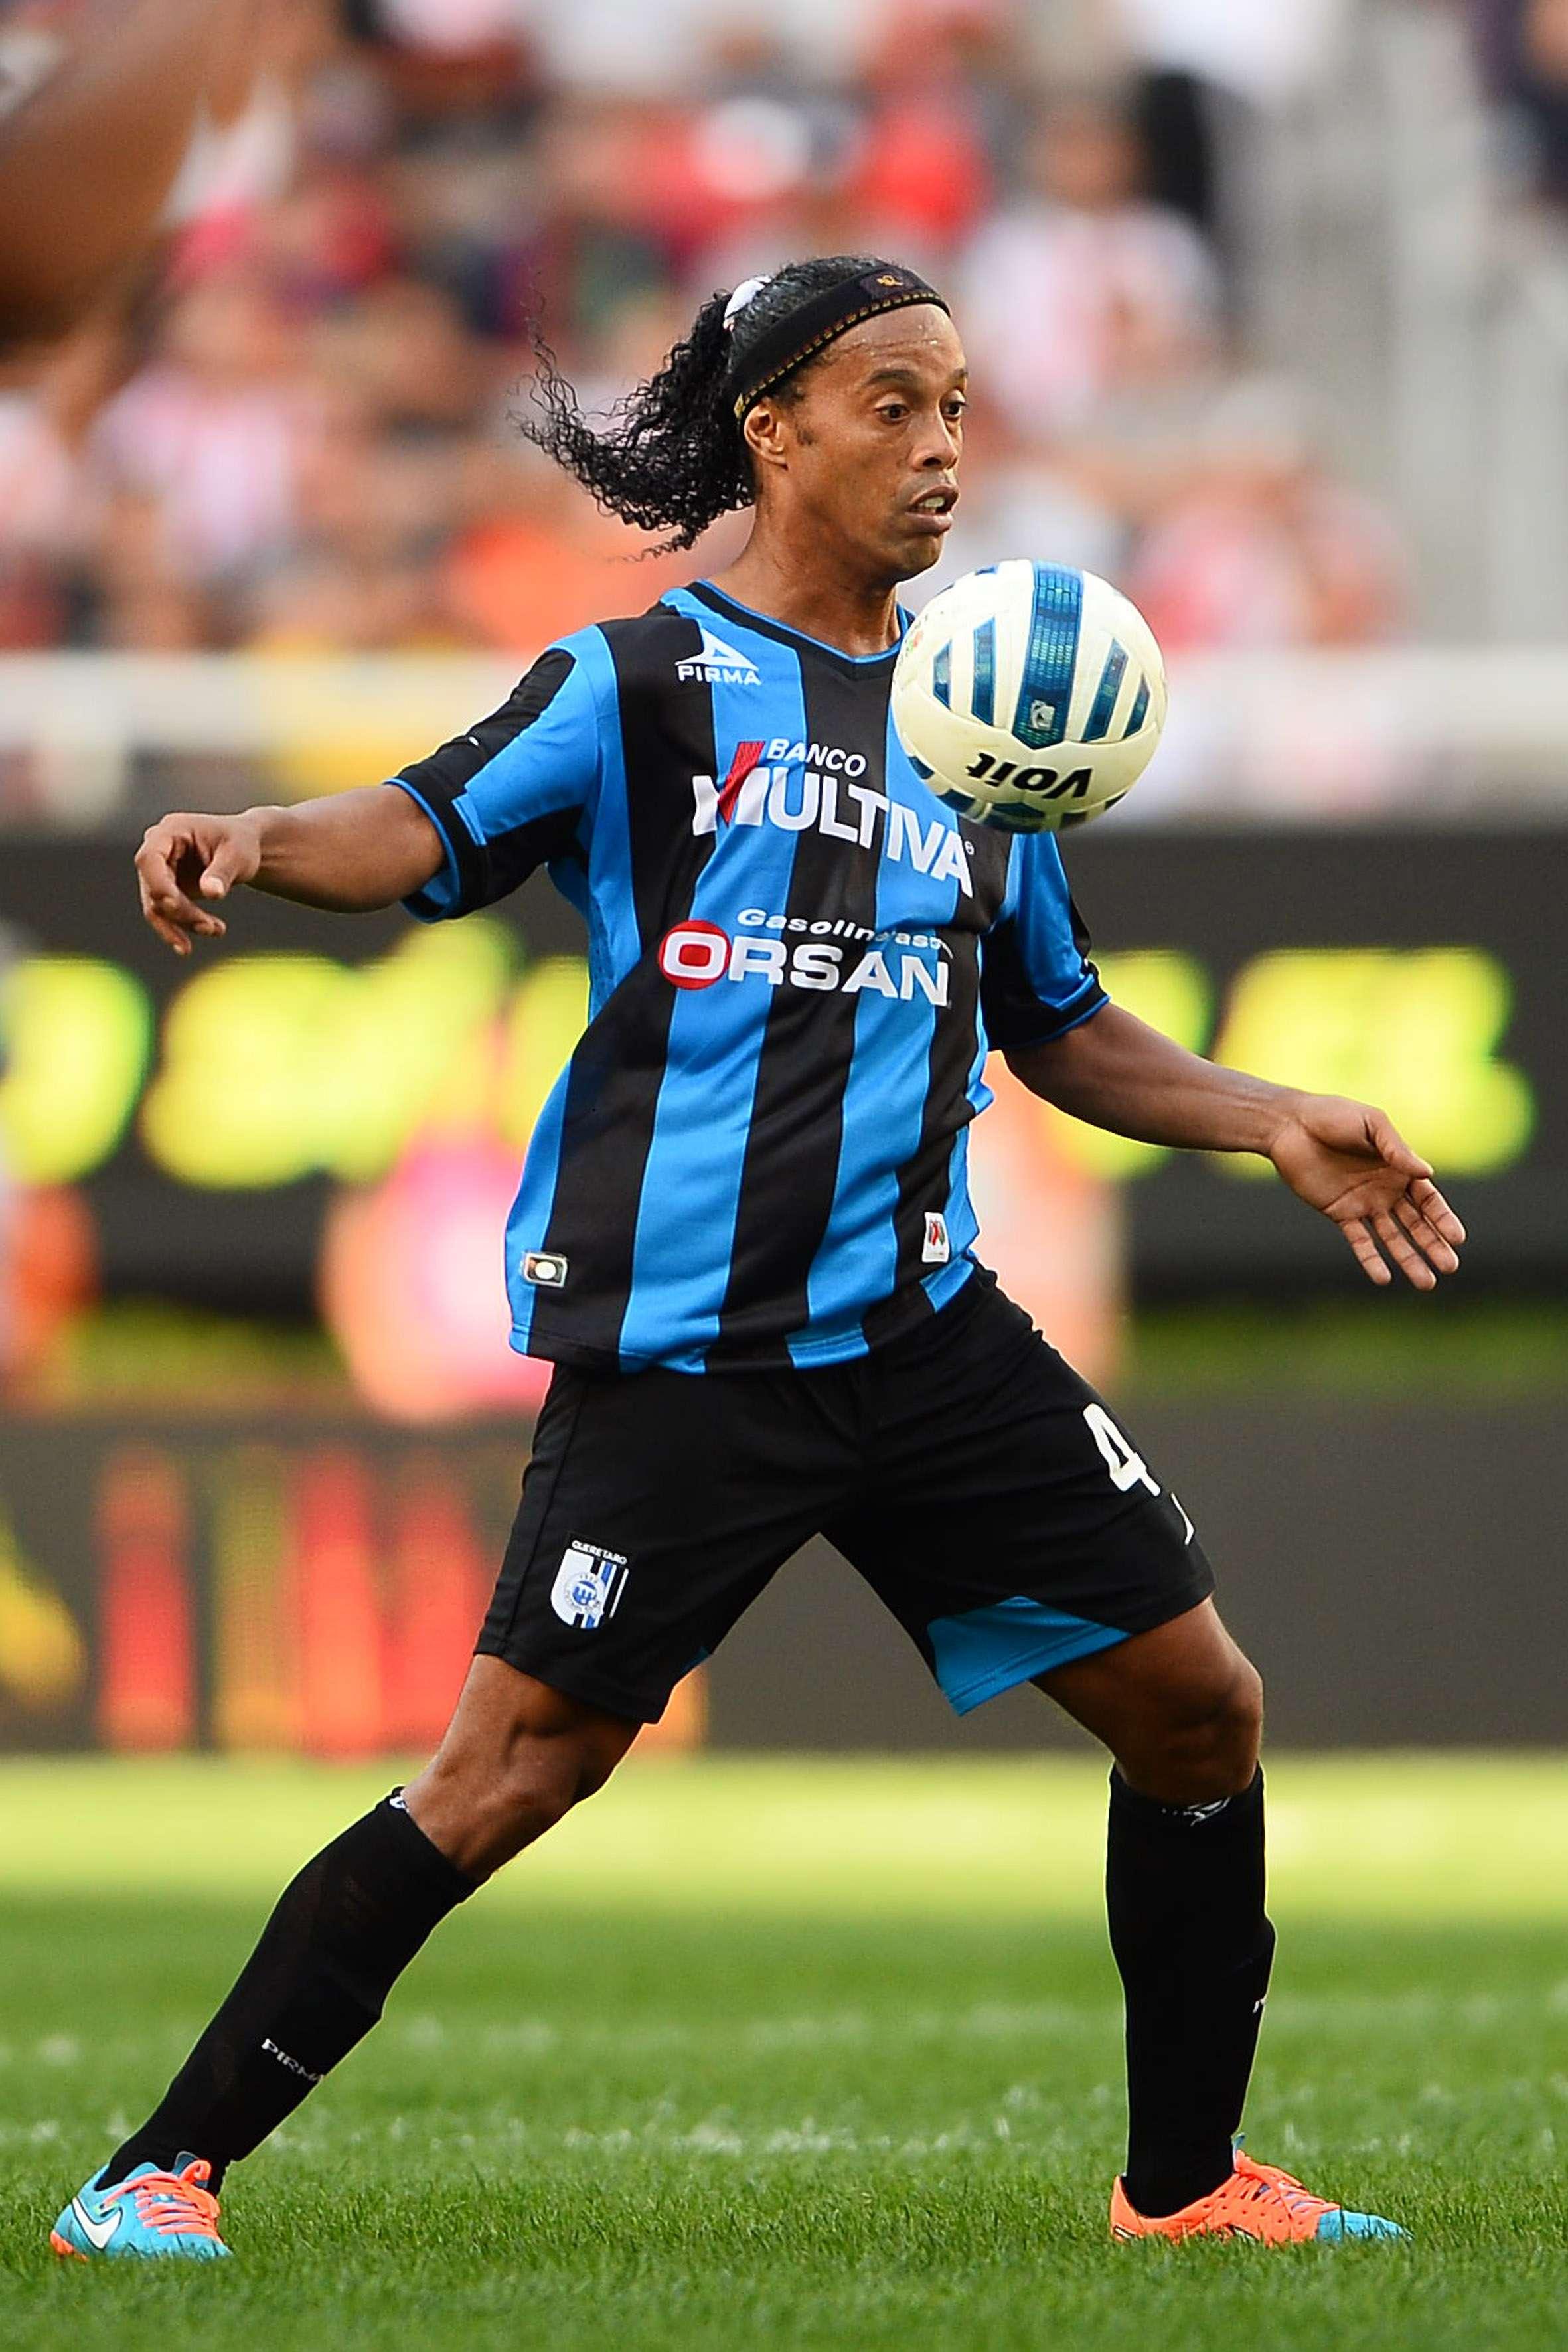 Ronaldinho ya anotó su primer gol en México y lo hizo en la Liga MX ante Chivas. Foto: Mexsport